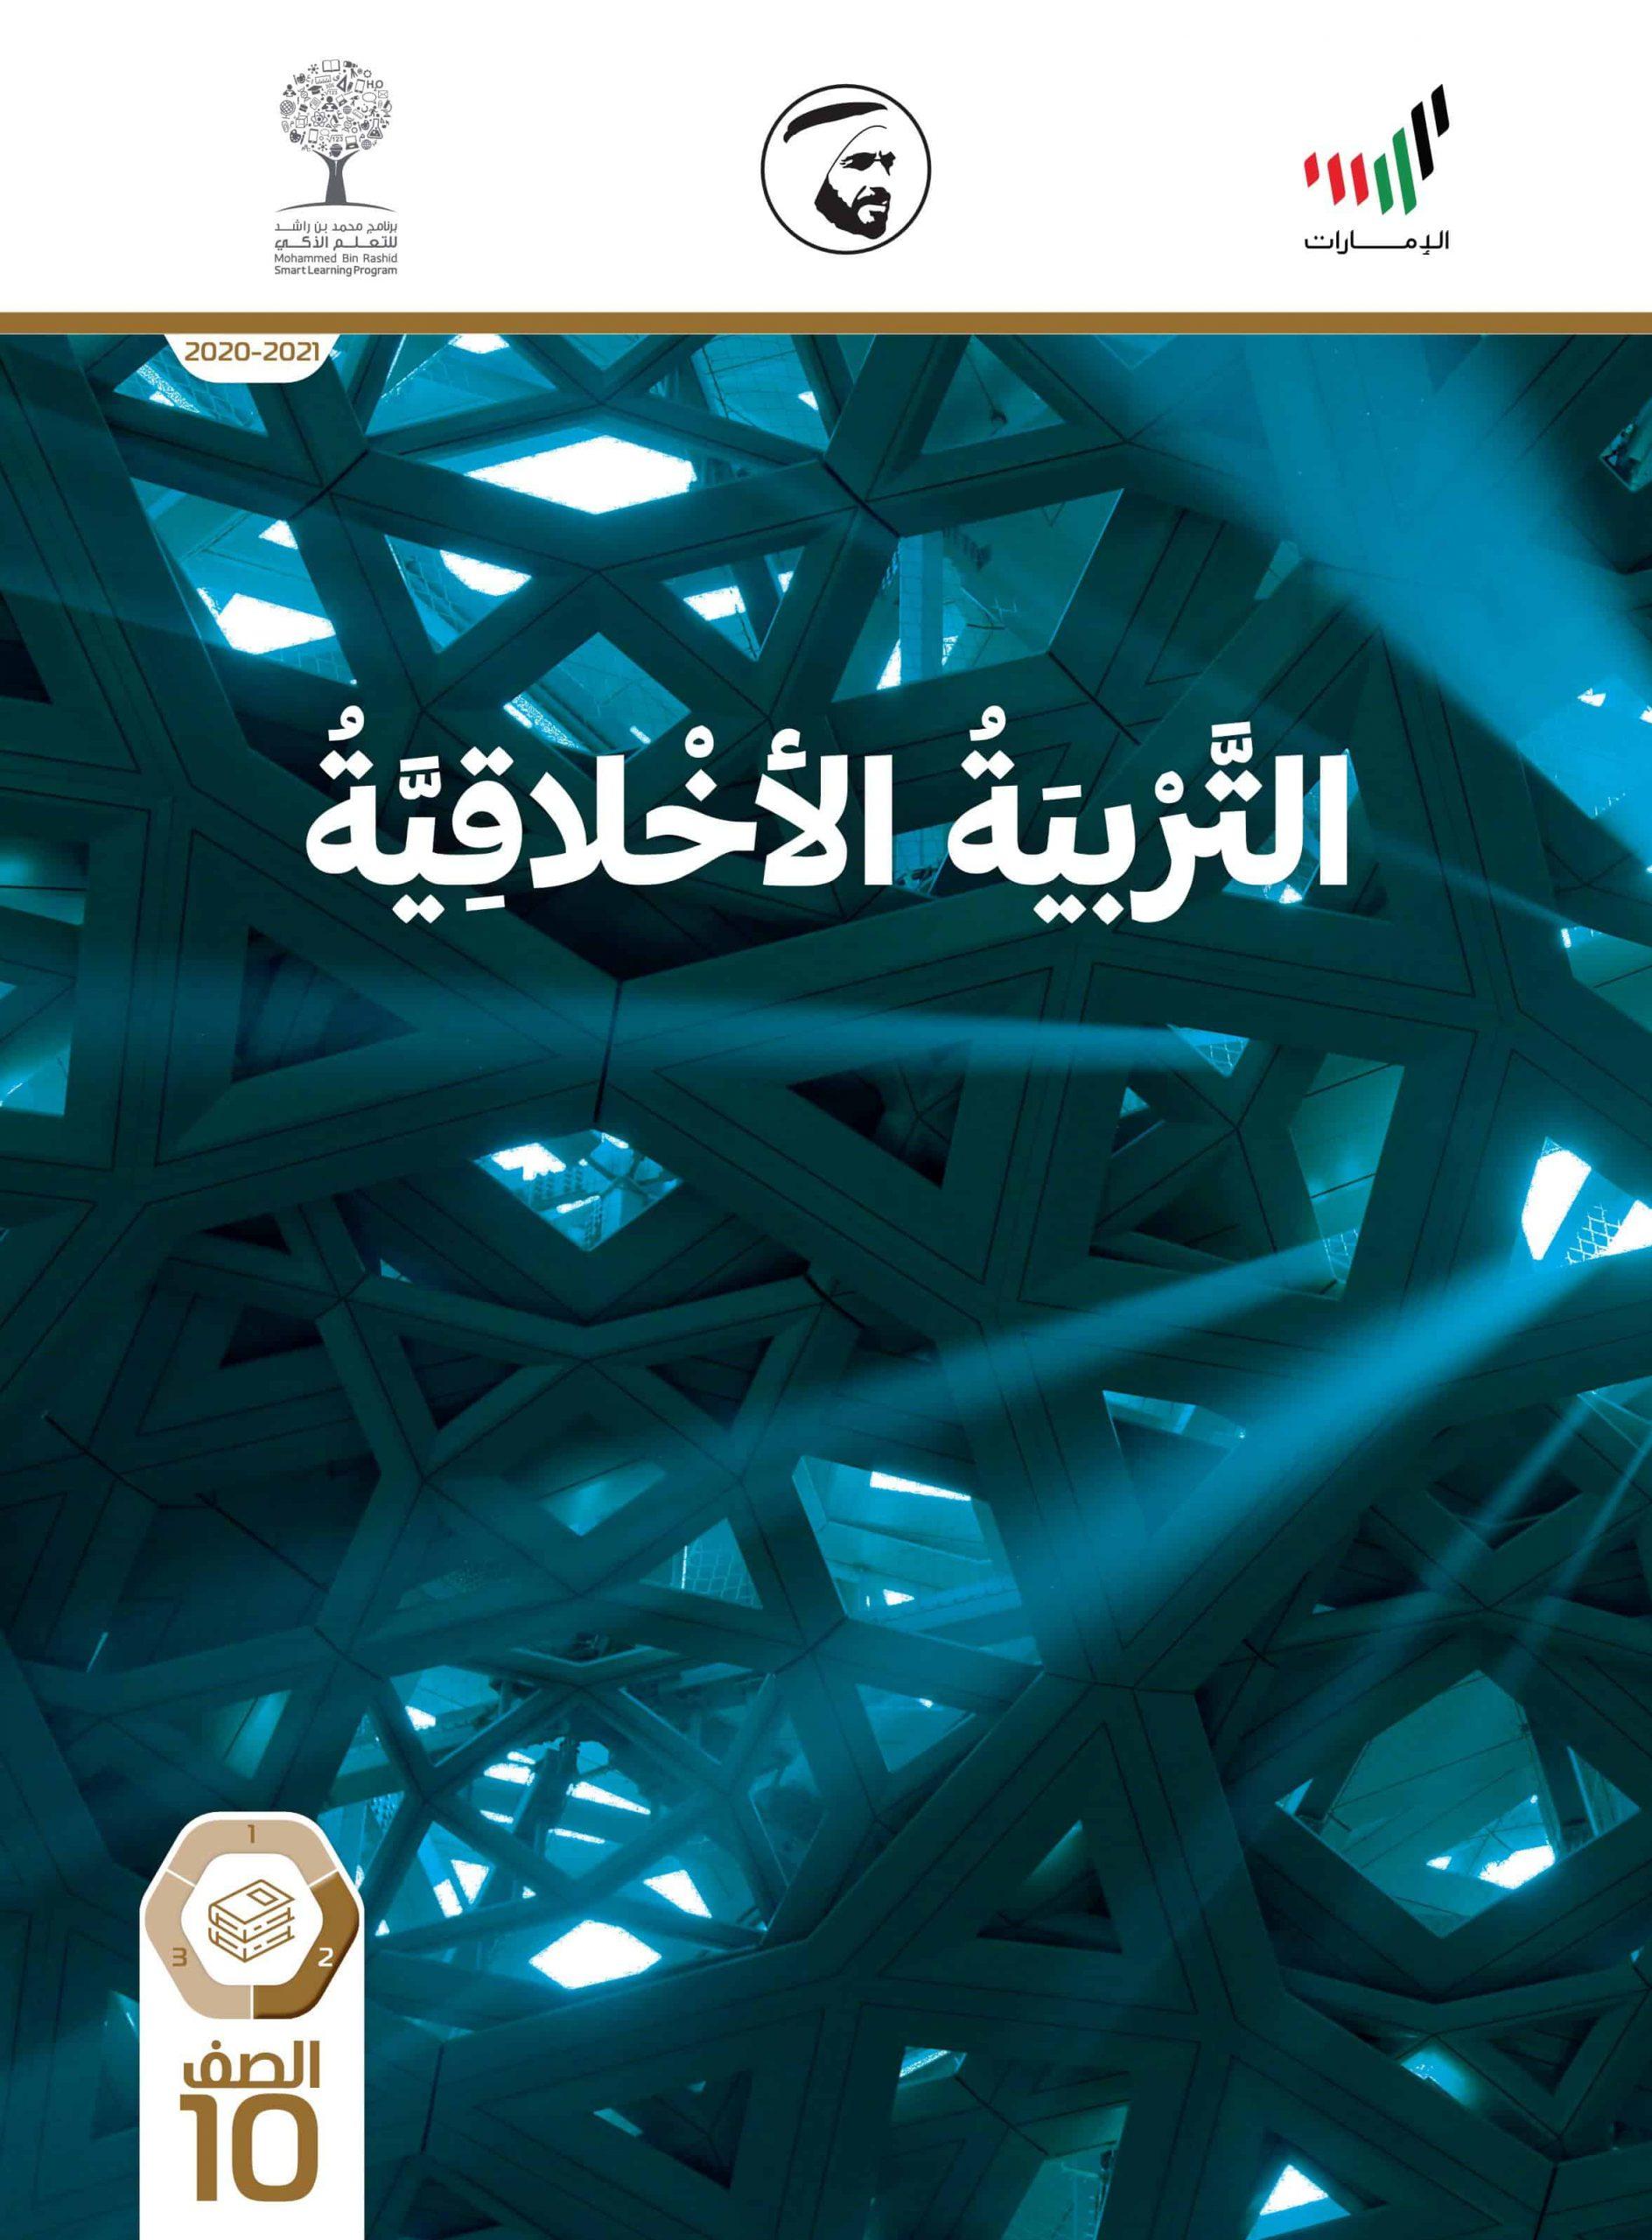 كتاب الطالب الفصل الدراسي الثاني 2020-2021 الصف العاشر مادة التربية الاخلاقية